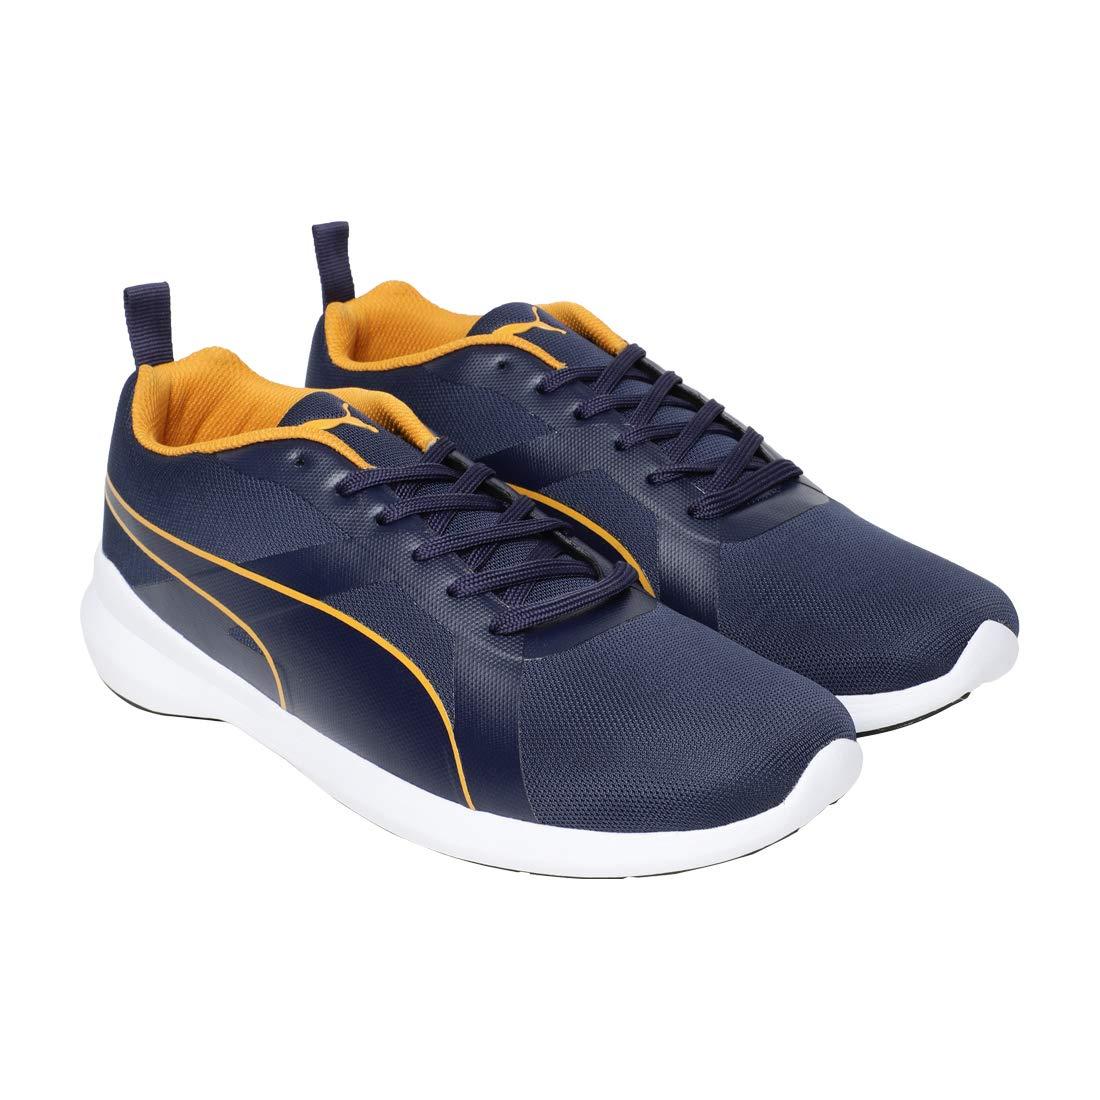 Buy Puma Men's Entrant Idp Sneakers at